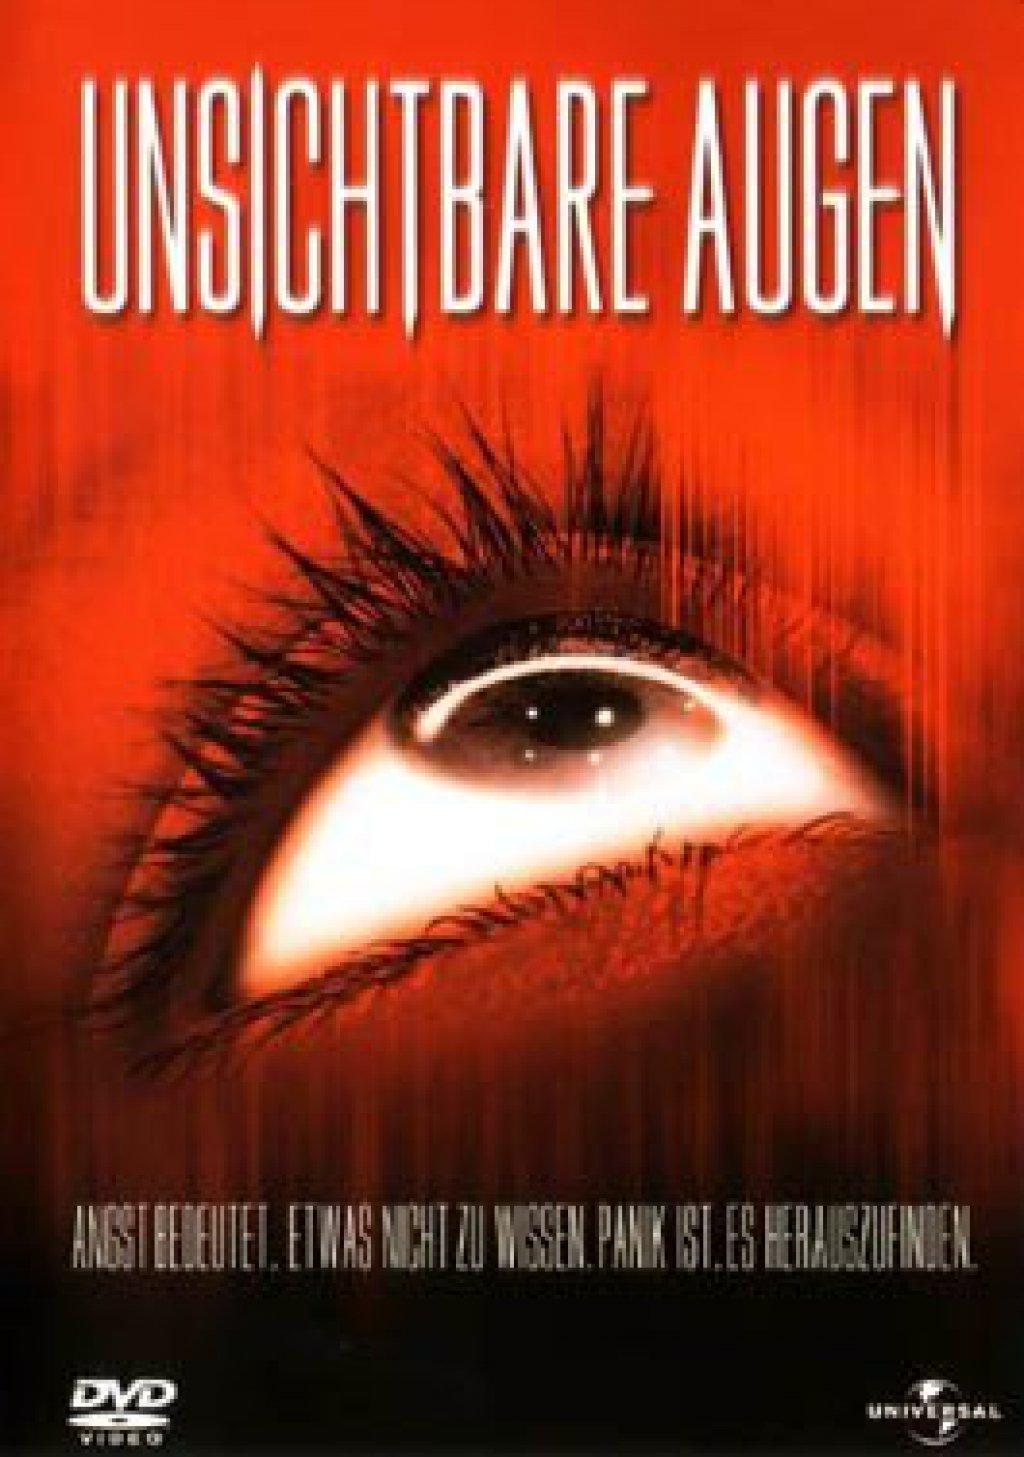 Unsichtbare Augen (DVD)